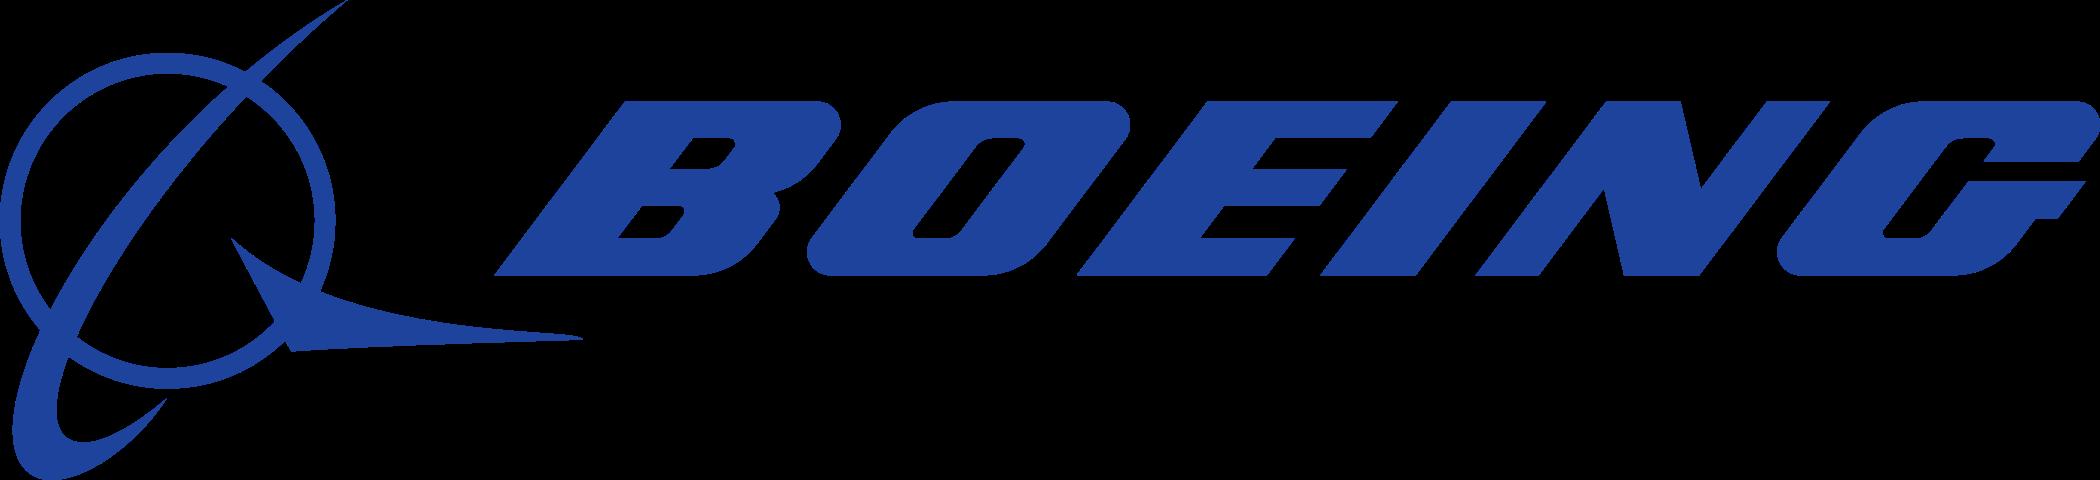 boeing logo 1 - Boeing Logo